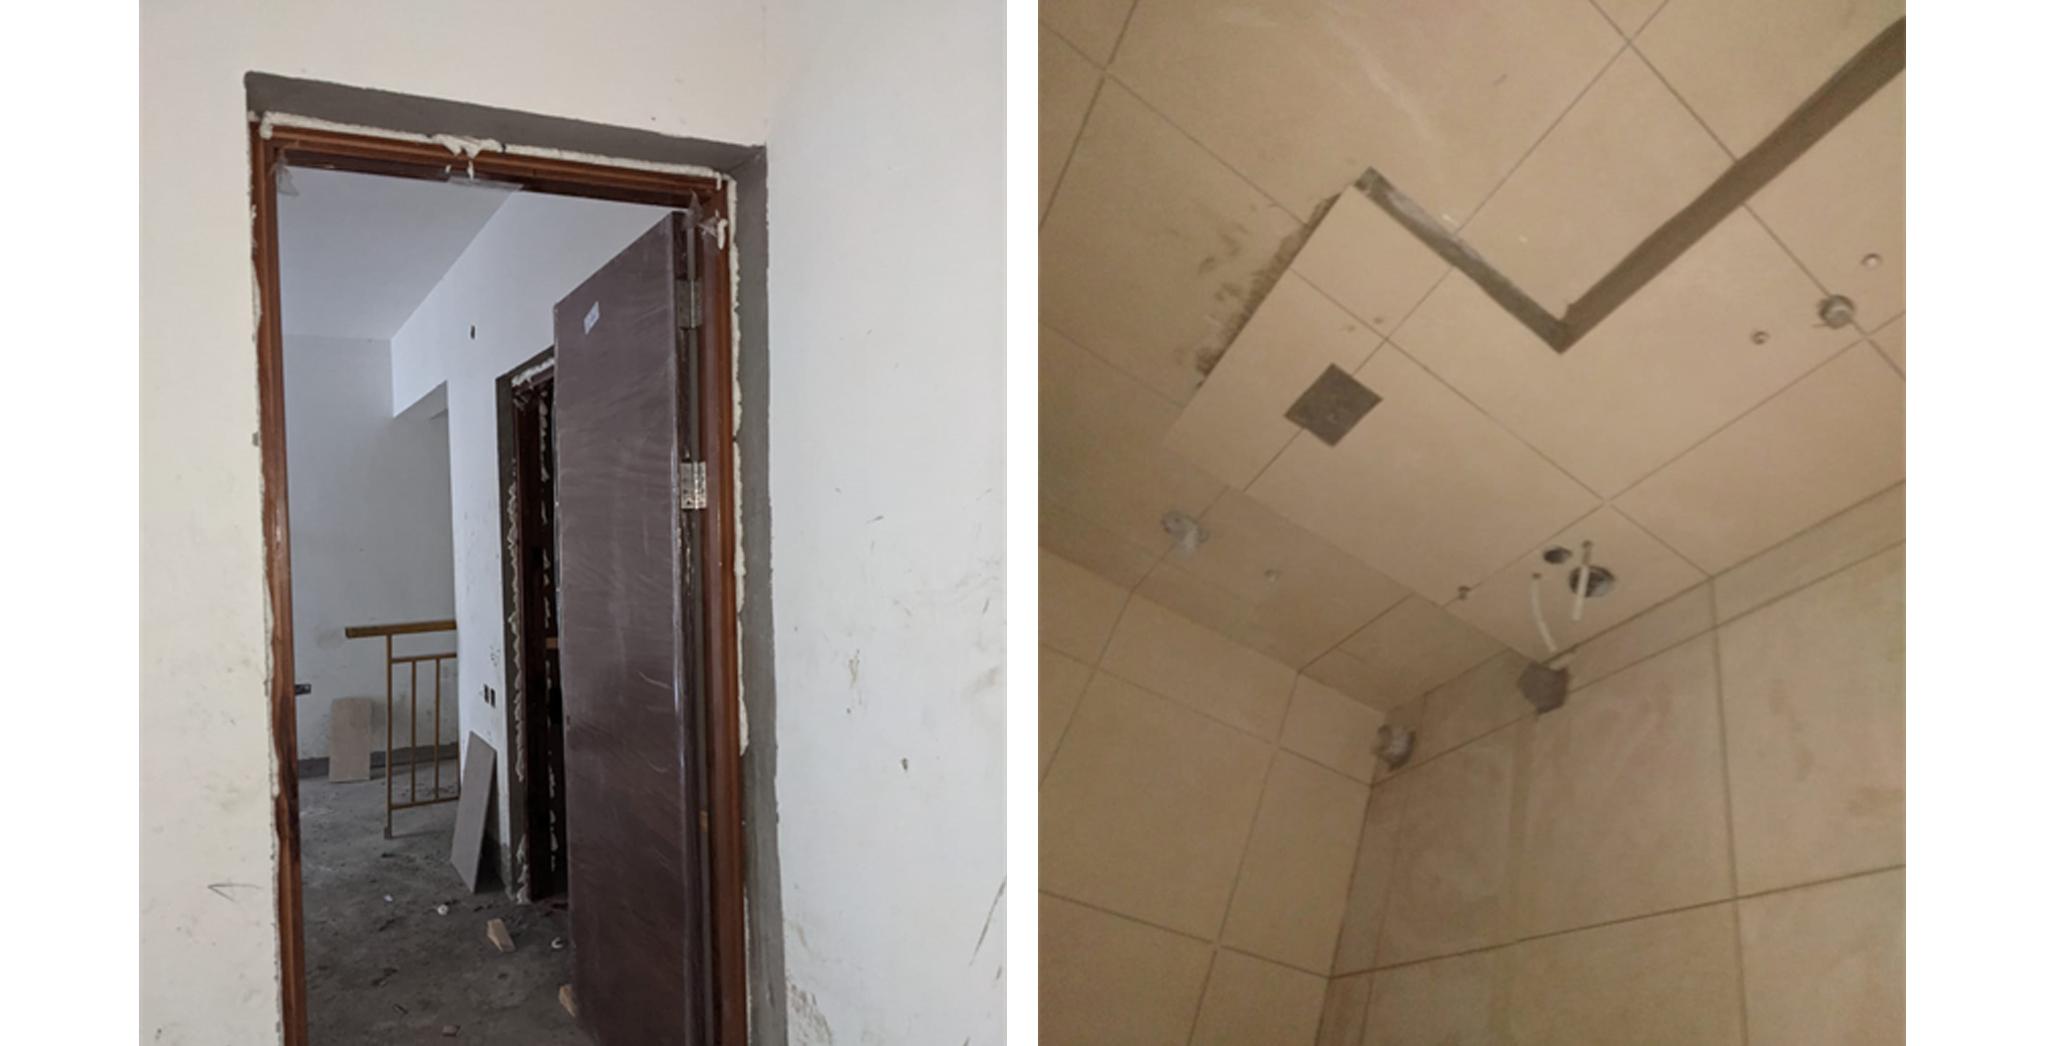 Aug 2021 - P Block: Wooden door fixing in progress. Toilet dado & flooring work in progress